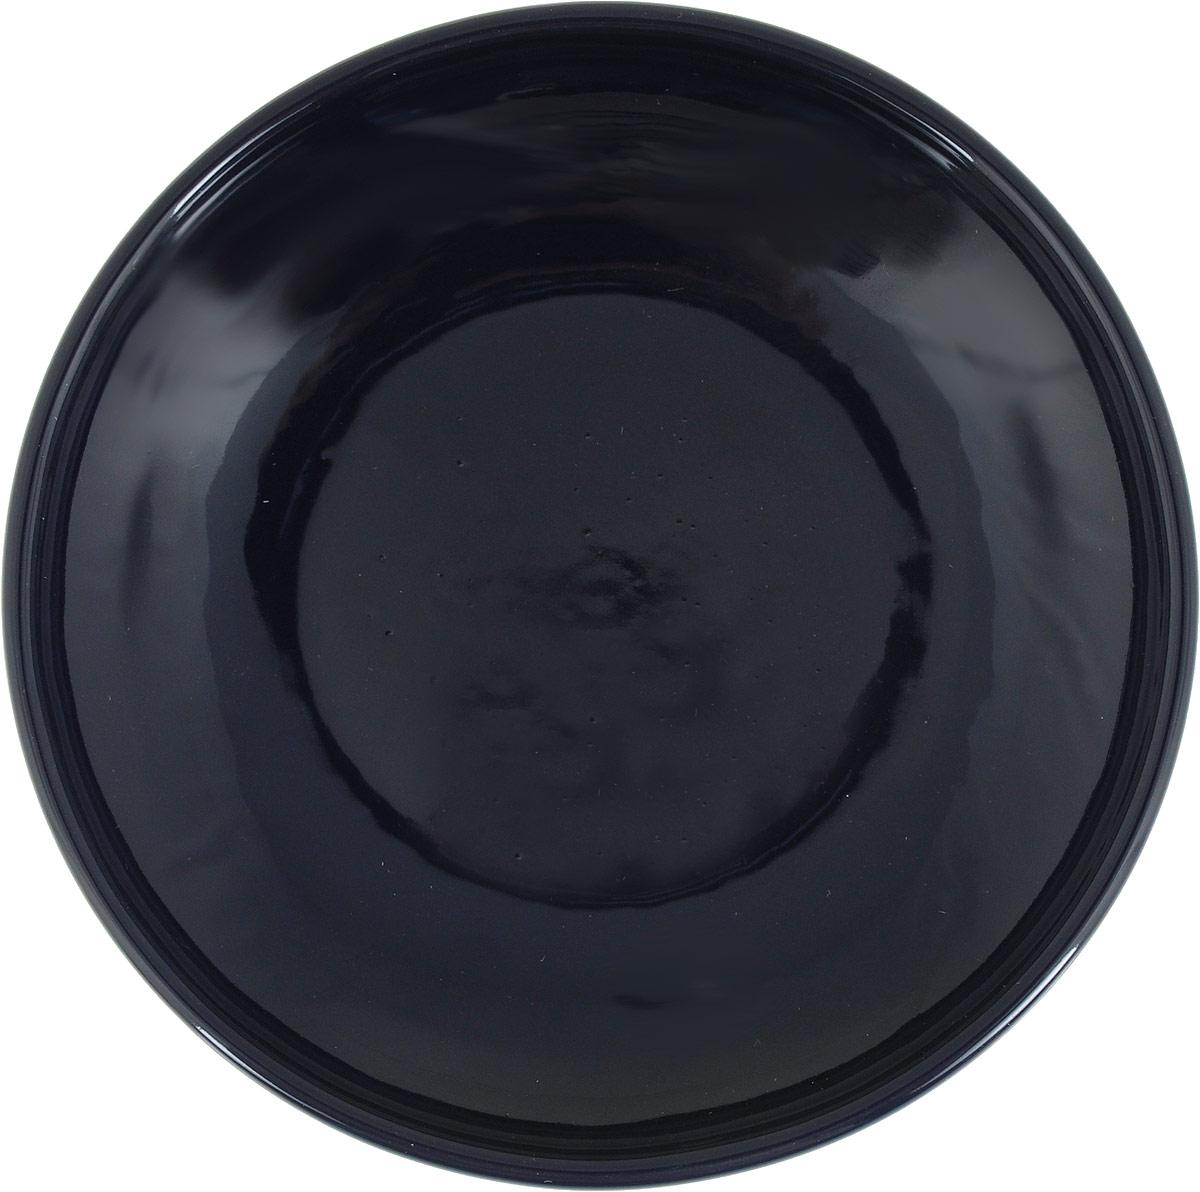 Блюдце Борисовская керамика Радуга, цвет: синий, диаметр 10 смРАД14458109_синийБлюдце Борисовская керамика Радуга, изготовленное из высококачественной керамики, предназначено для красивой подачи различных блюд. Такое блюдце украсит сервировку стола и подчеркнет прекрасный вкус хозяйки. Можно мыть в посудомоечной машине и использовать в микроволновой печи.